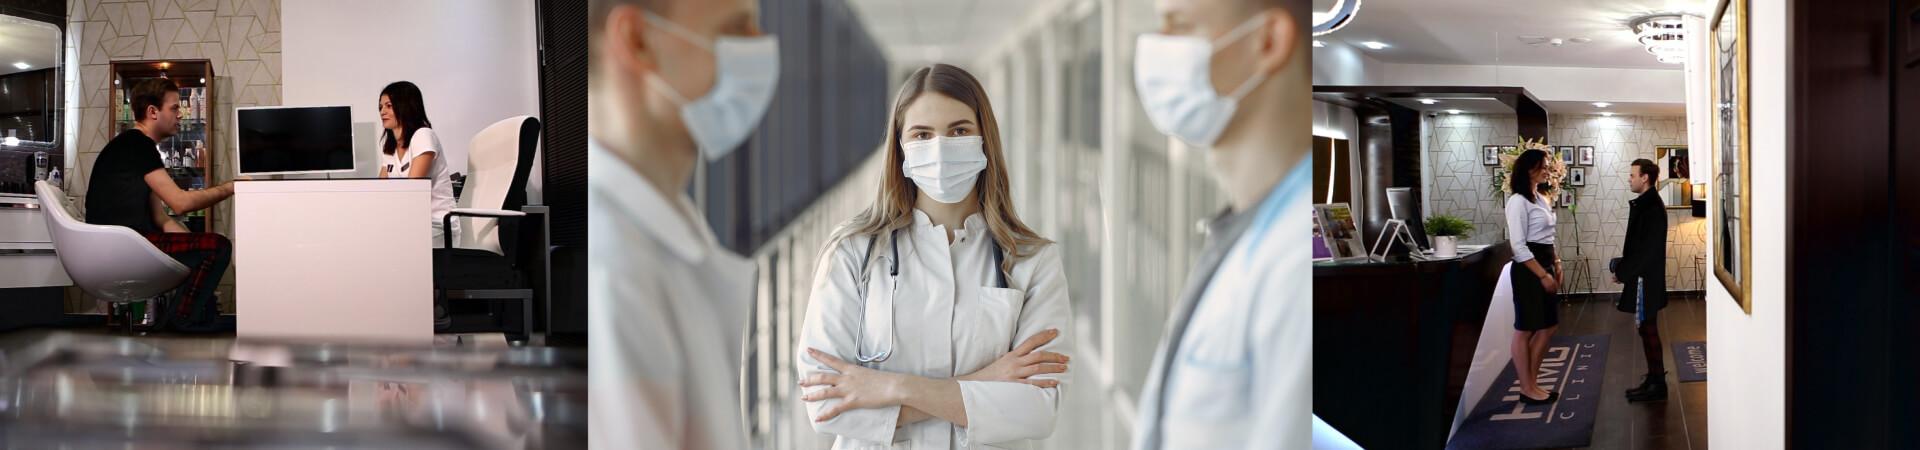 Gasztroenterológus szakorvos állás